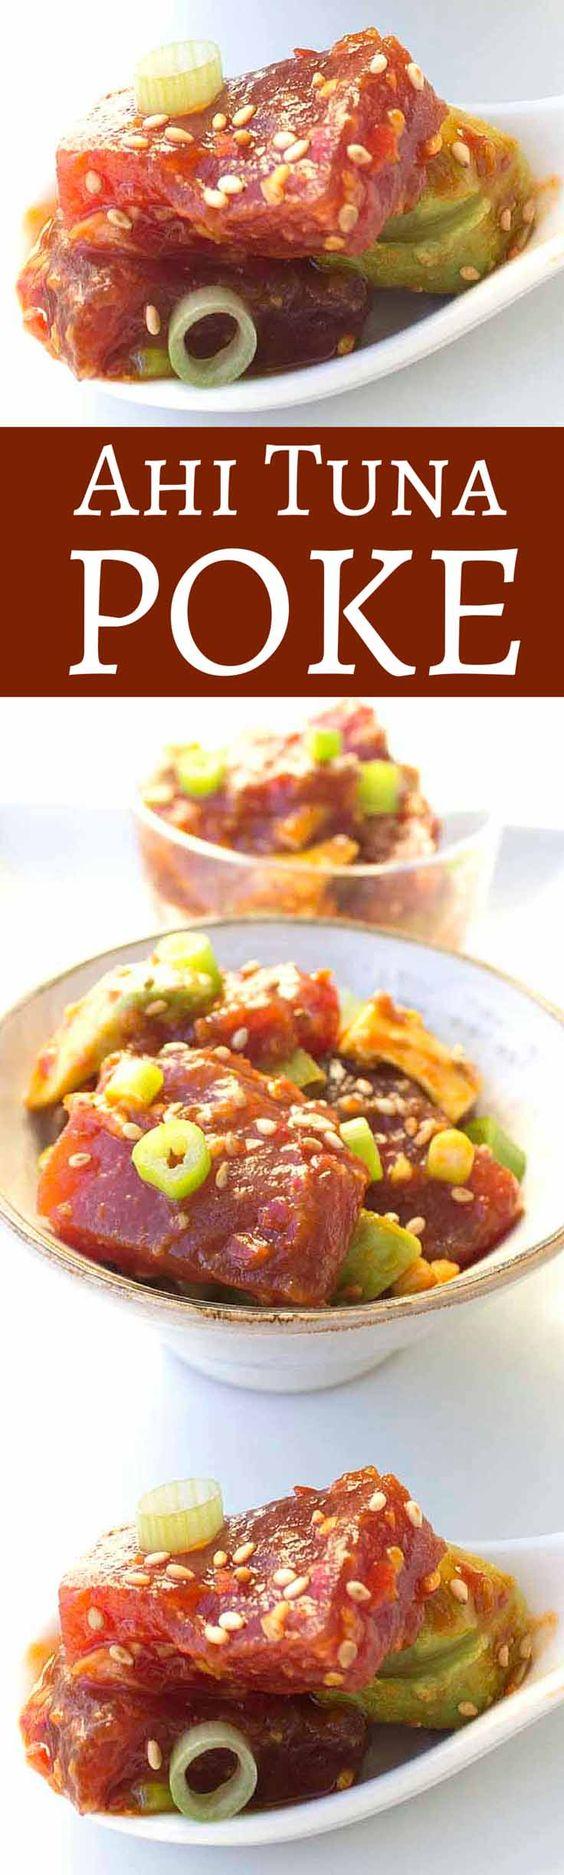 Easy healthy tuna fish recipes